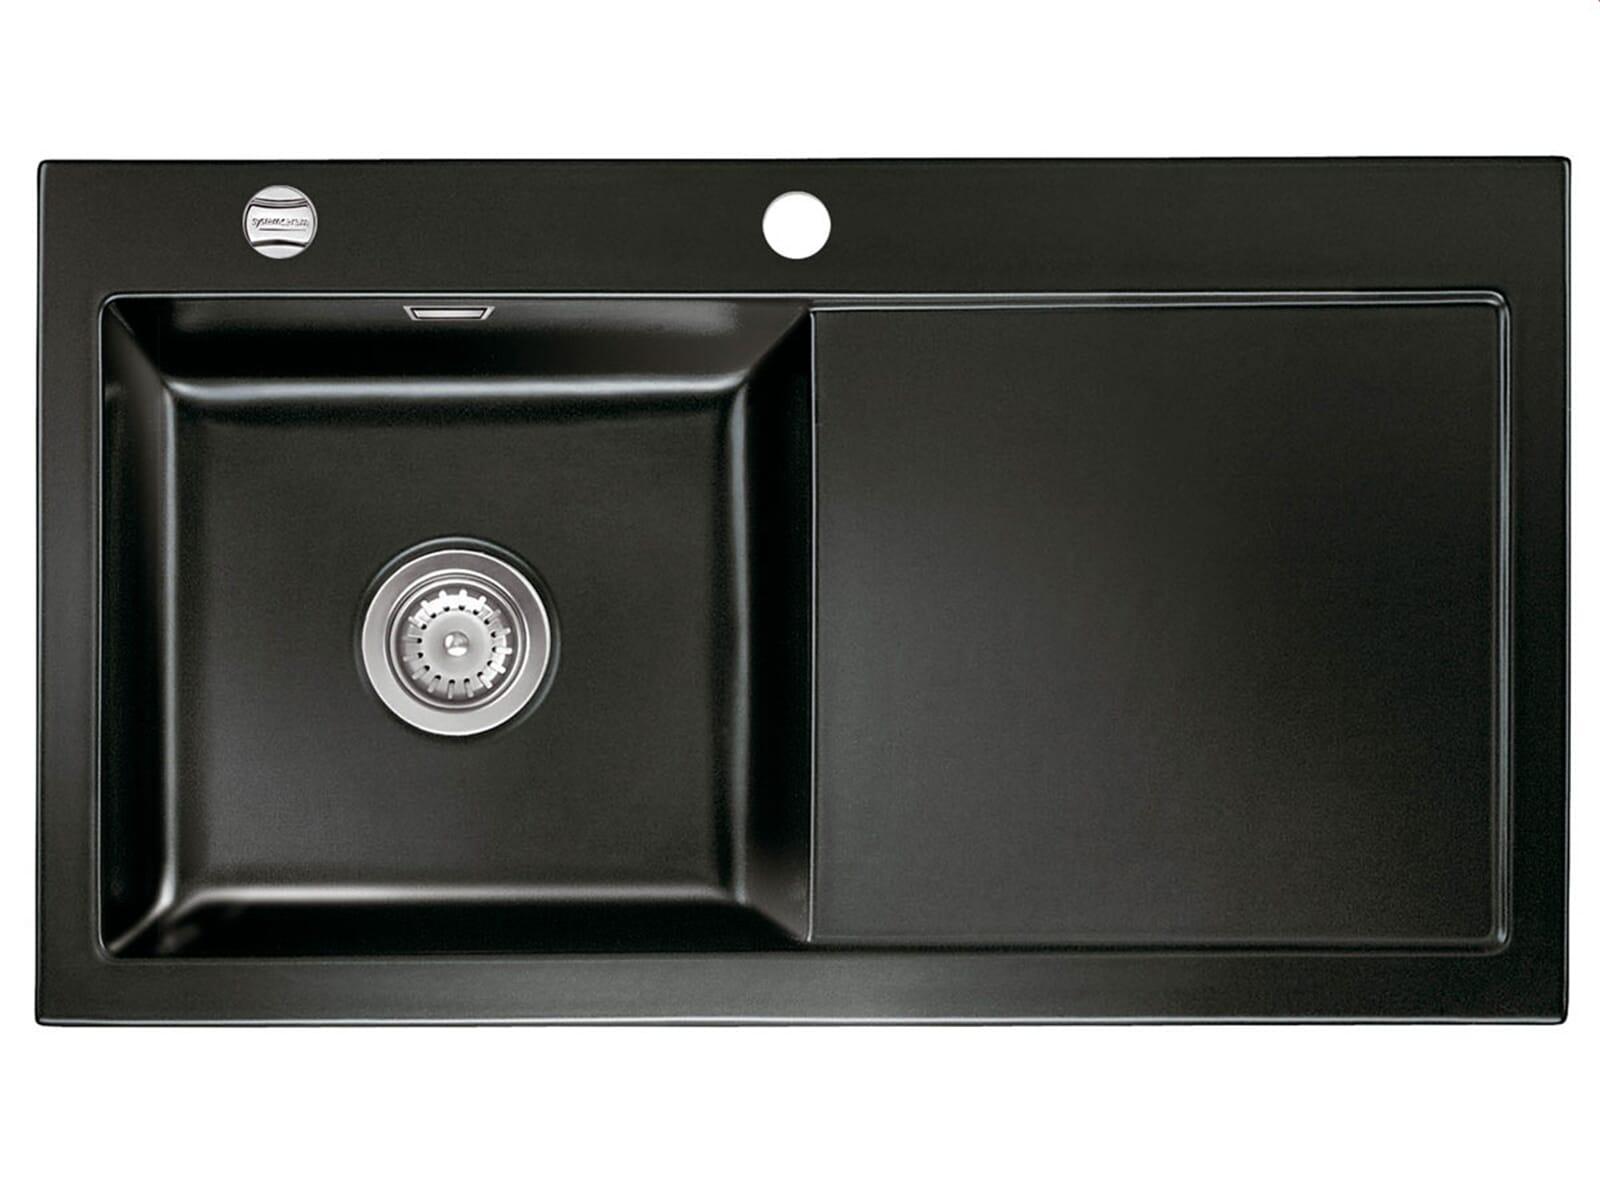 systemceram mera 90 nero keramiksp le excenterbet tigung. Black Bedroom Furniture Sets. Home Design Ideas